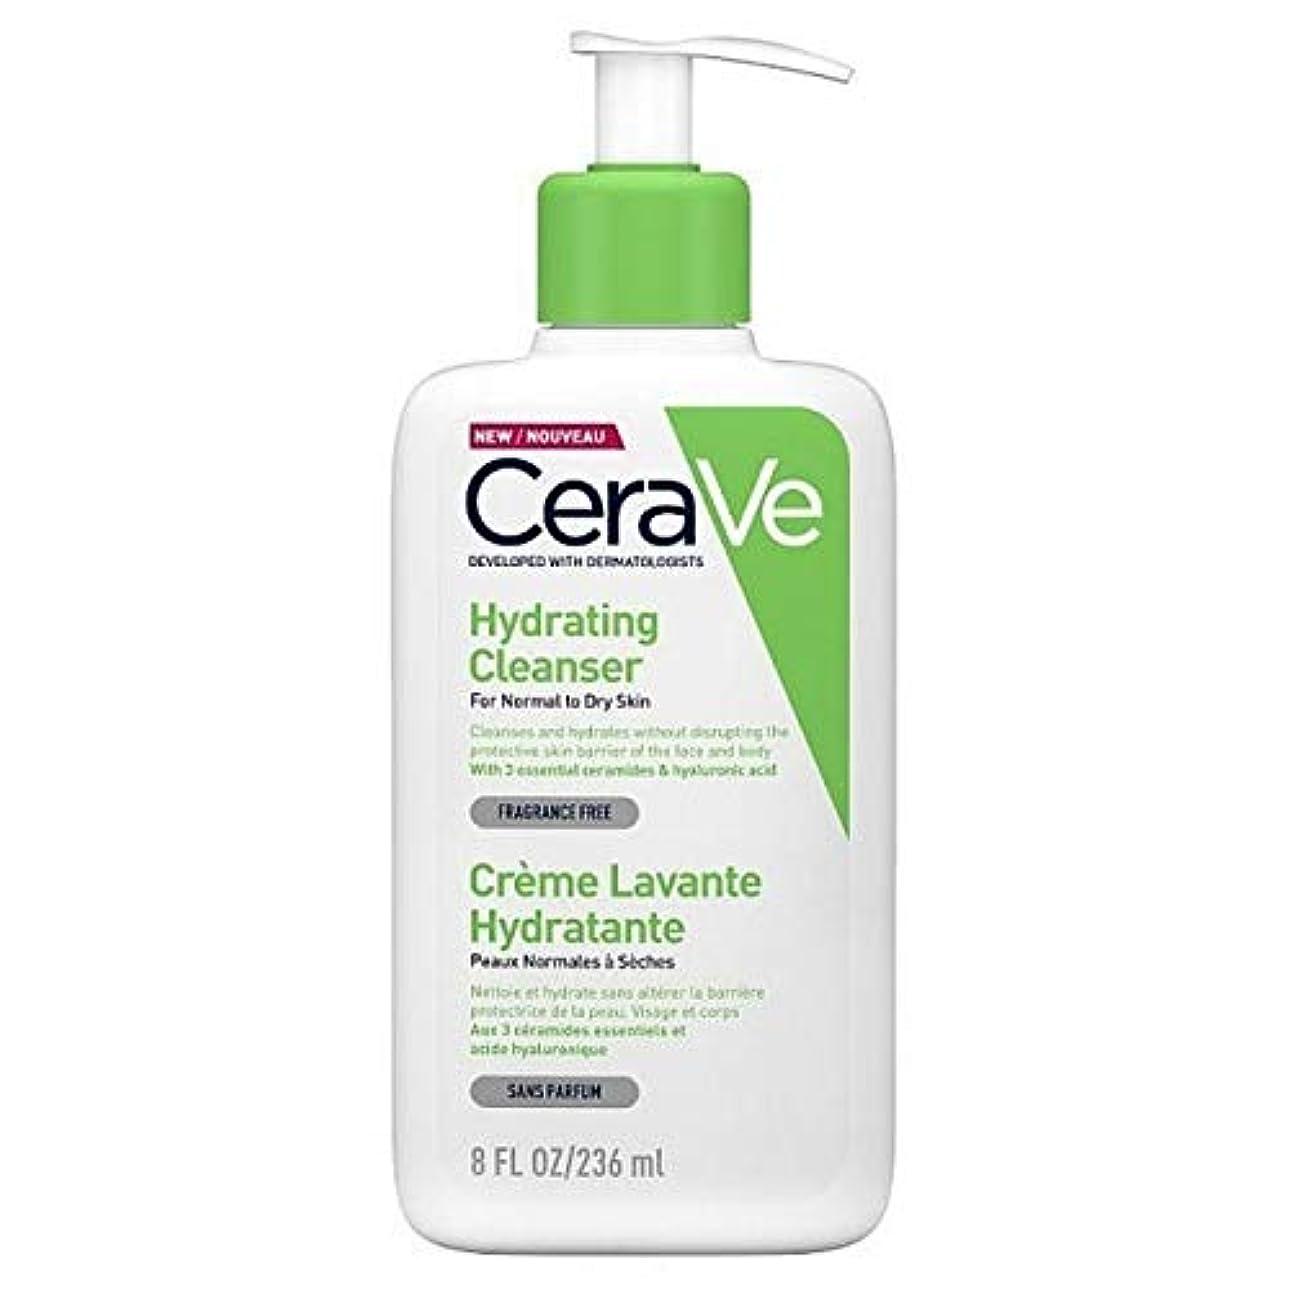 成功する遺産抑止する[CeraVe] Cerave水和クレンザー236ミリリットル - CeraVe Hydrating Cleanser 236ml [並行輸入品]